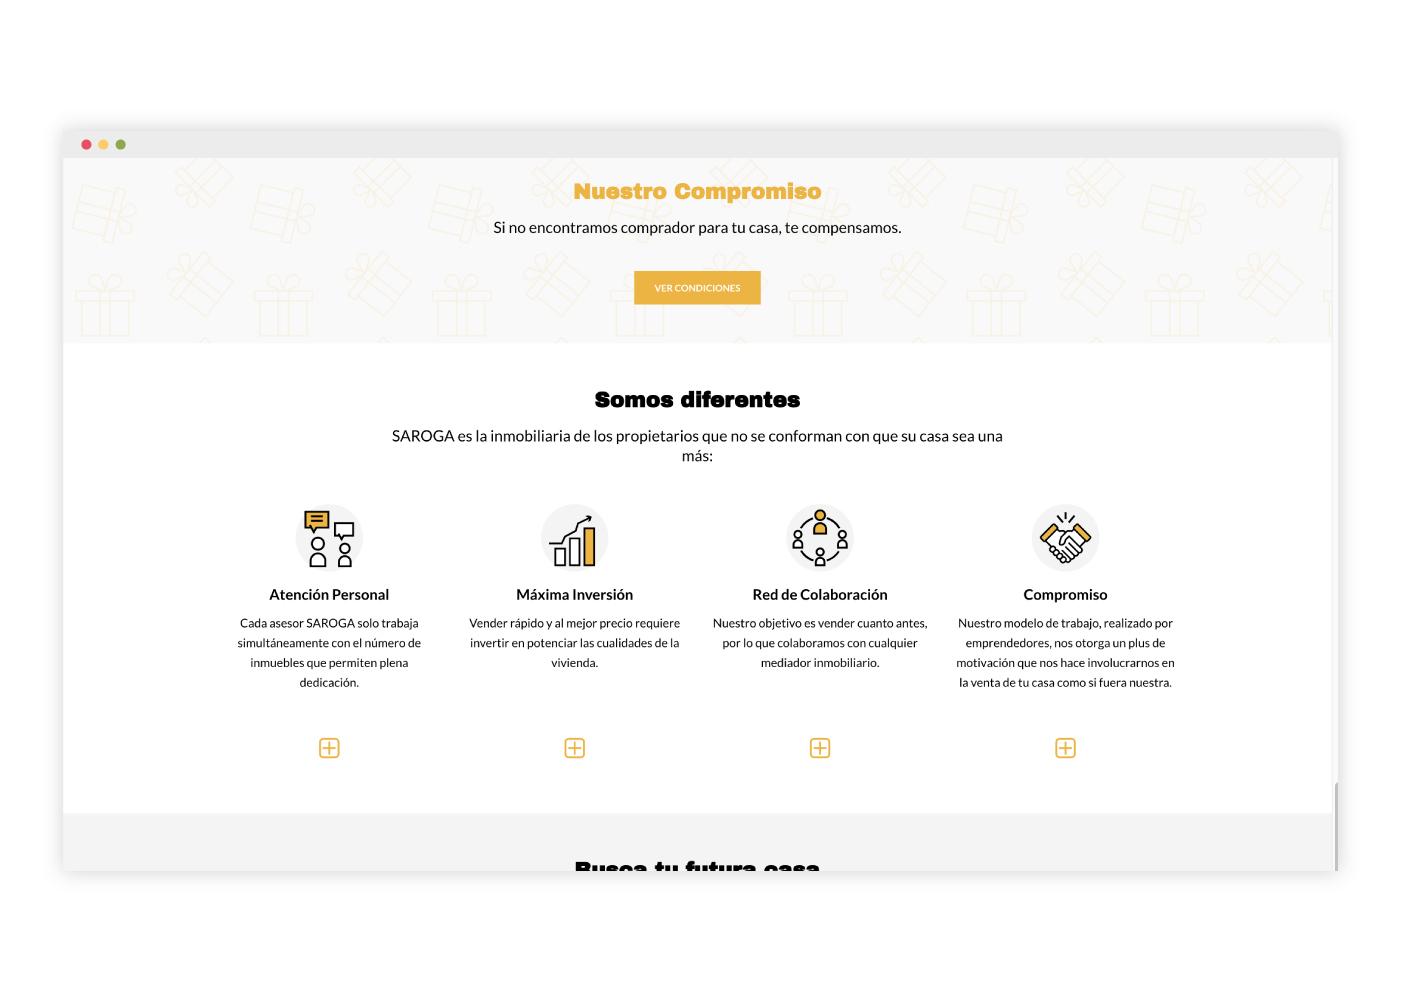 diseno-programacion-web-inmobiliaria-online-1 (1)